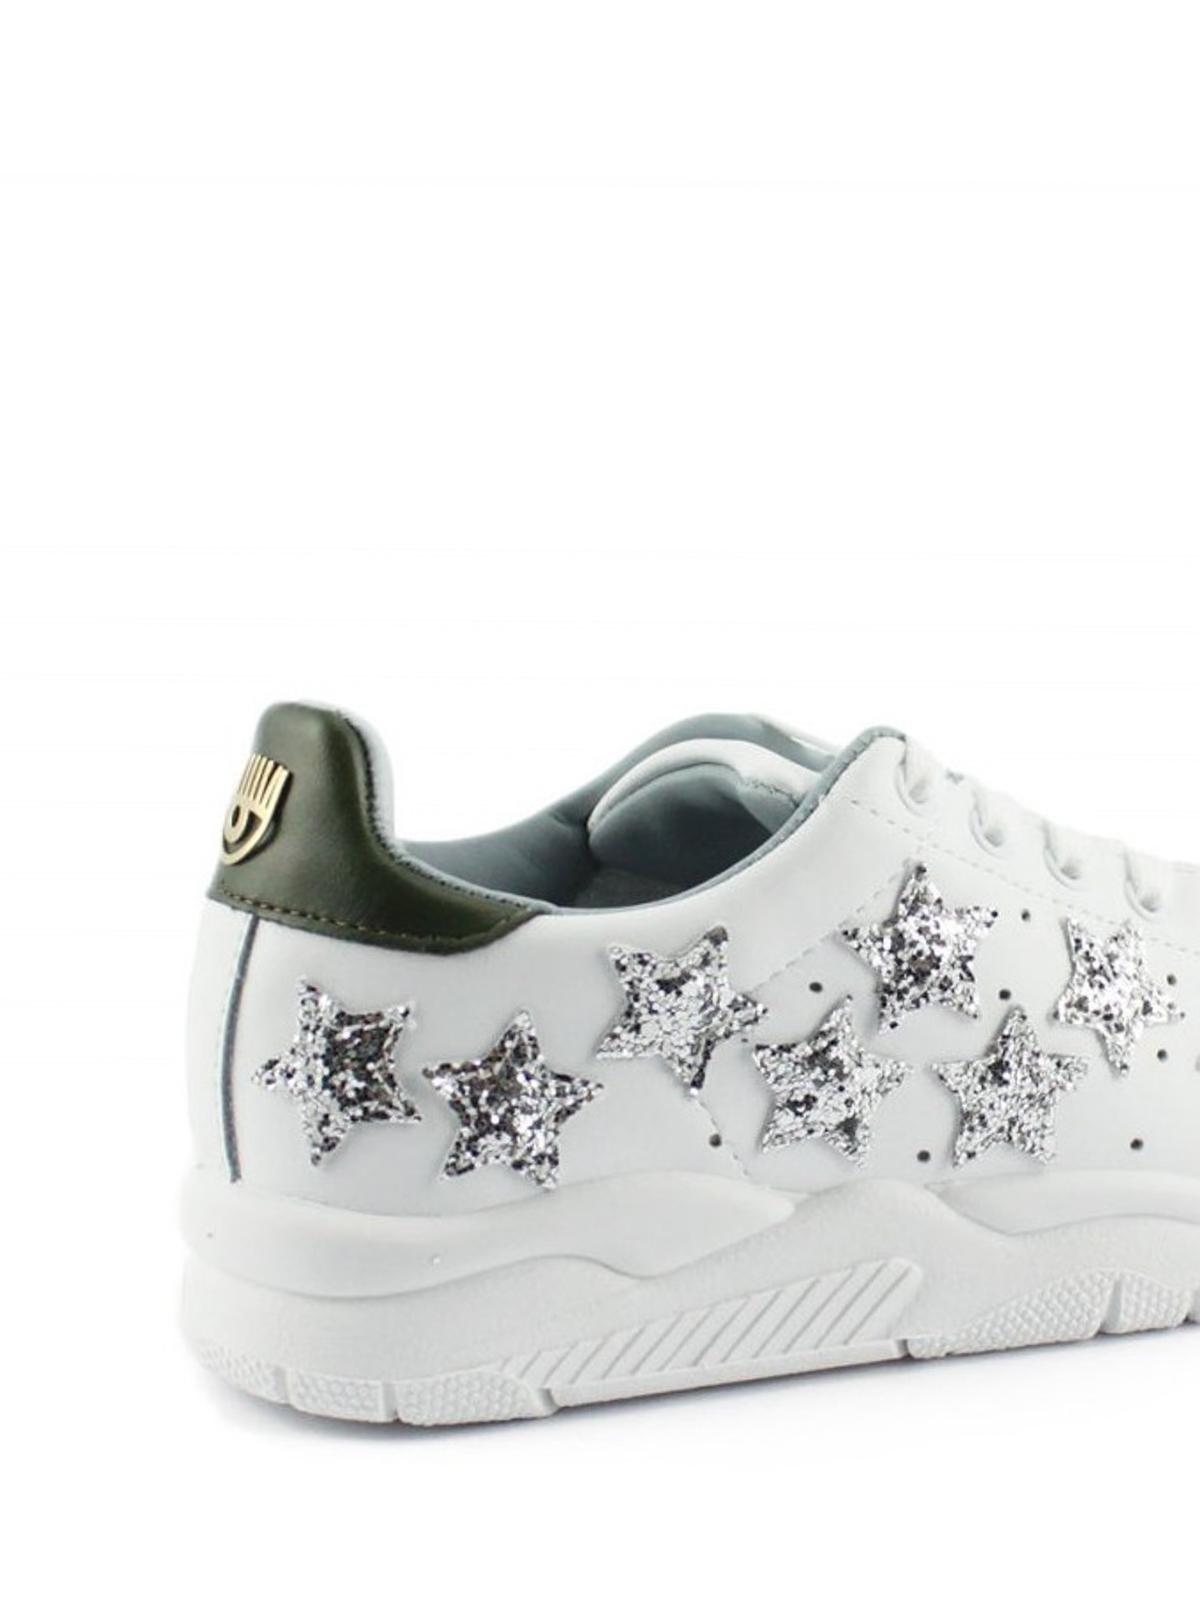 Sneaker stelle glitter Chiara Ferragni Mejores Precios De Venta Baratos Pagar Con Paypal En Línea La Venta Caliente Acuerdos De Libre Envío NfM3nekX